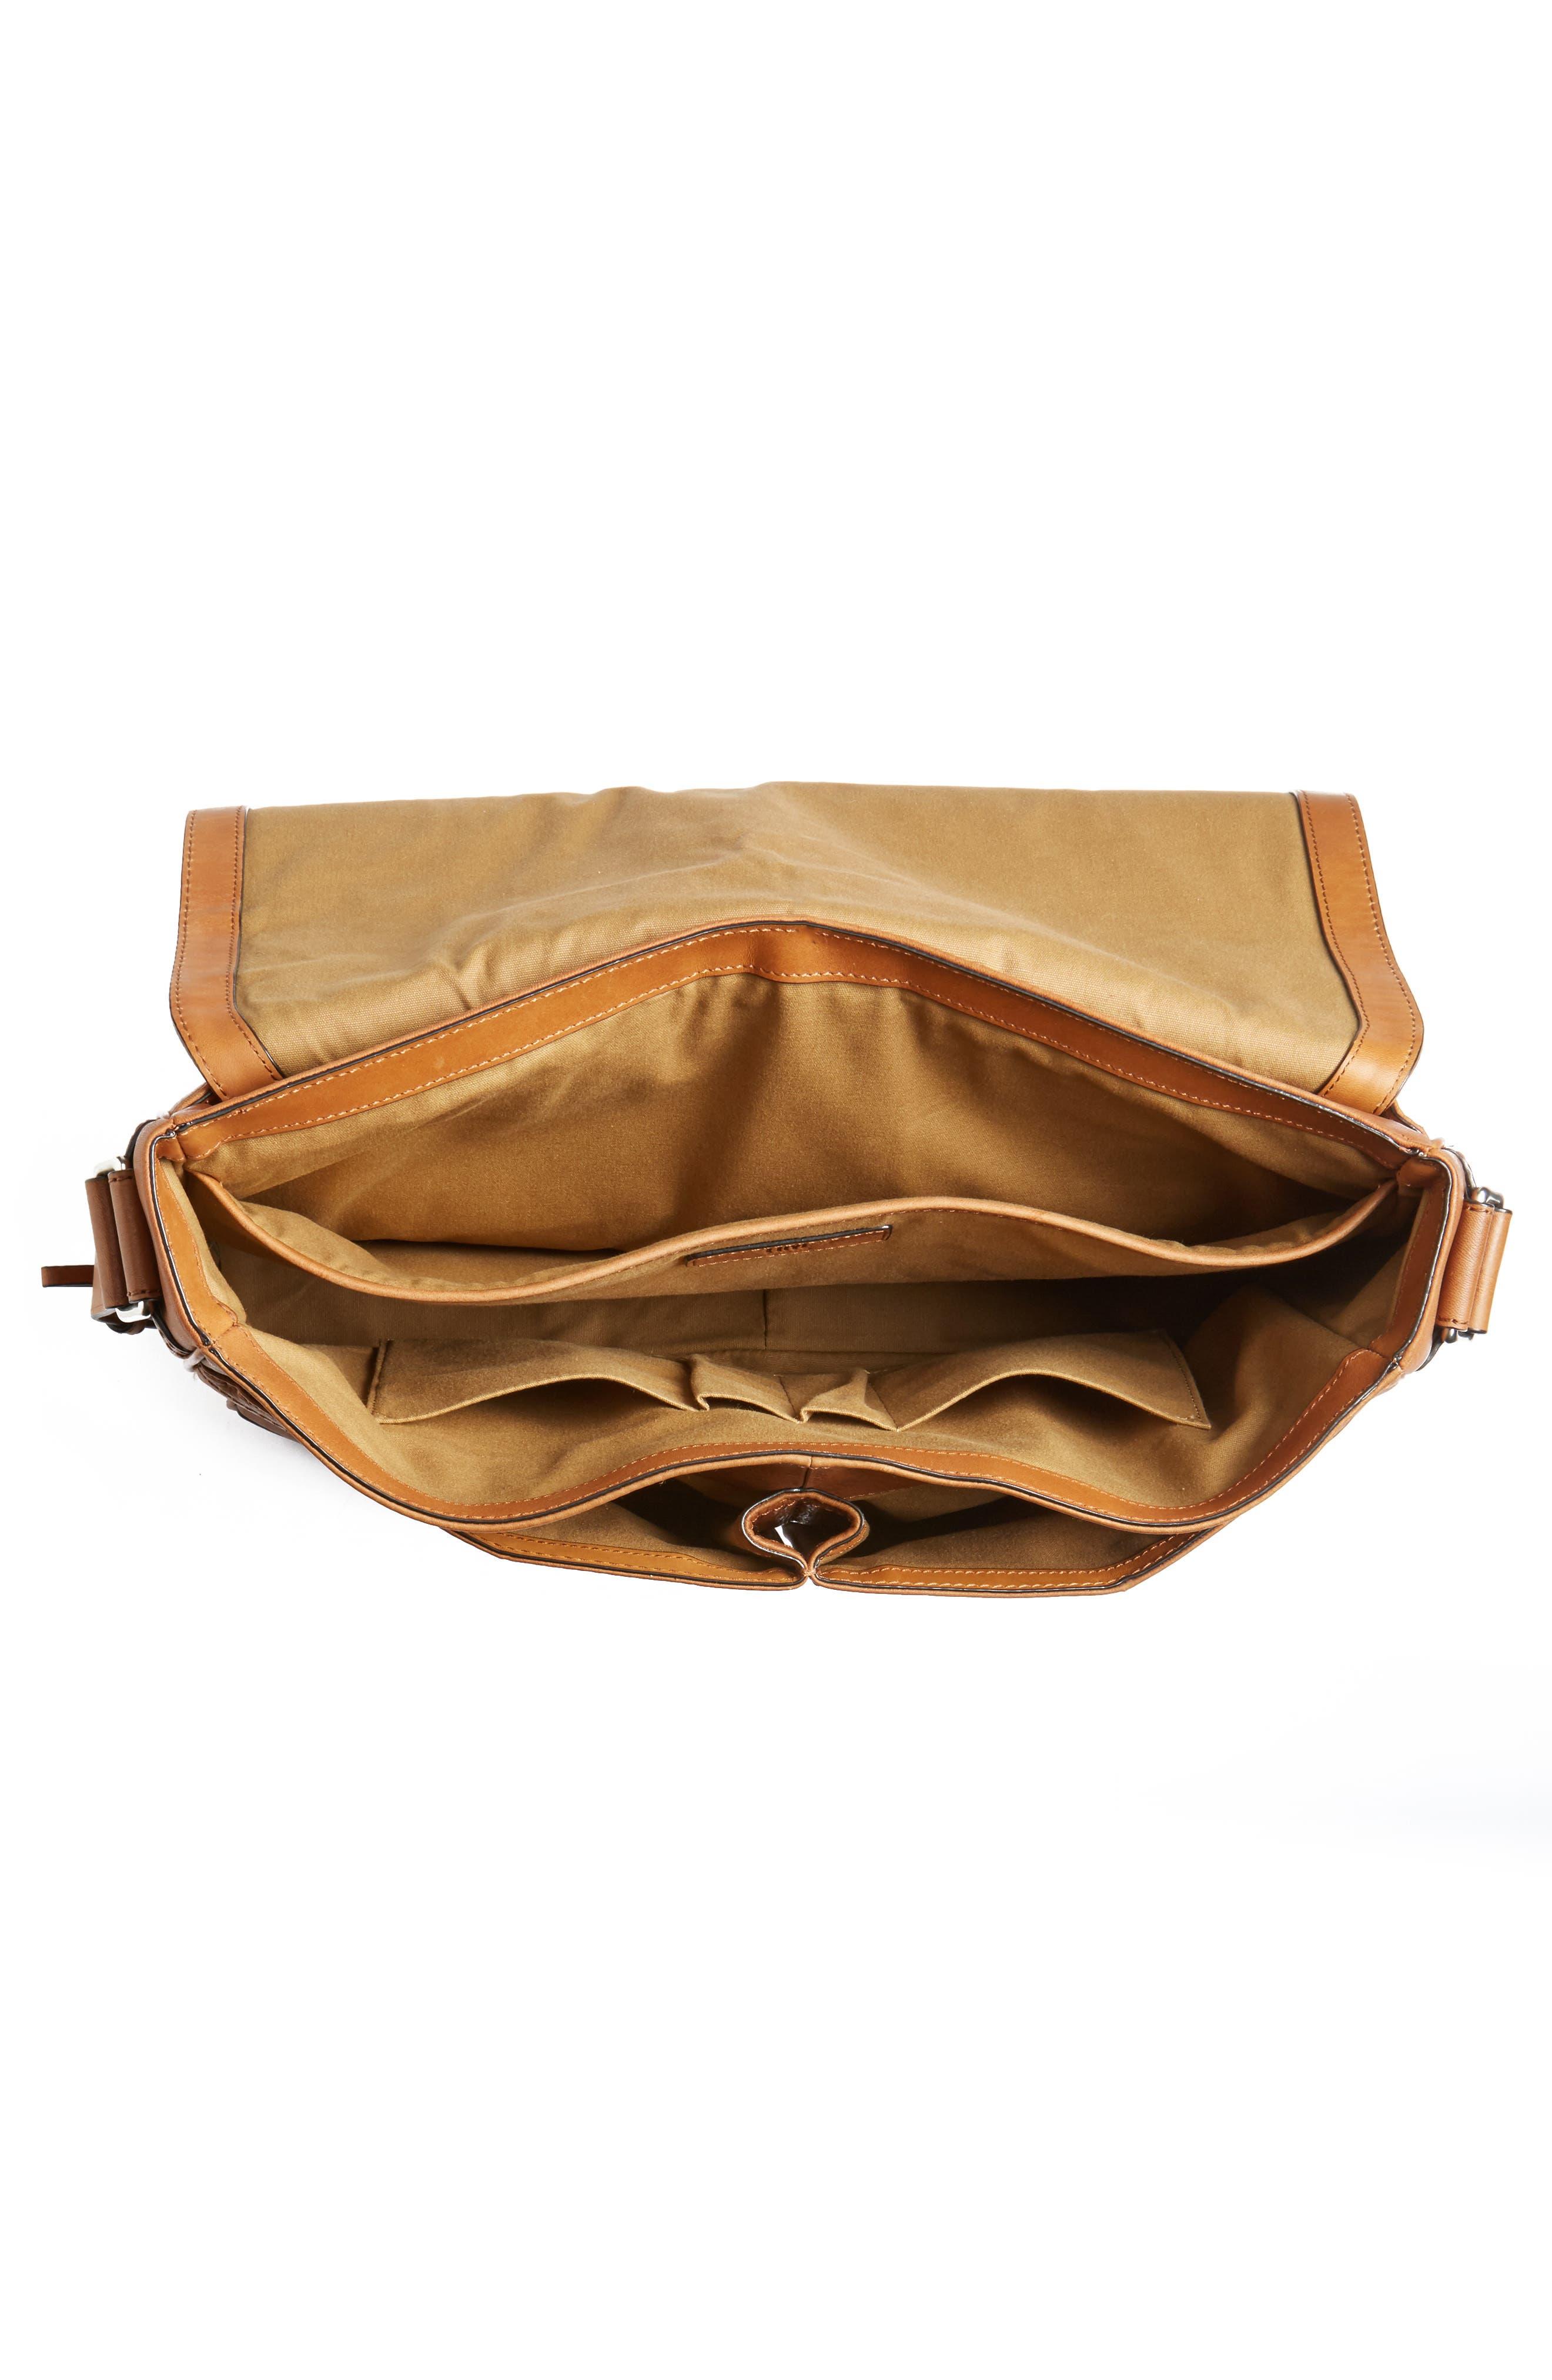 Oliver Leather Messenger Bag,                             Alternate thumbnail 4, color,                             Cognac